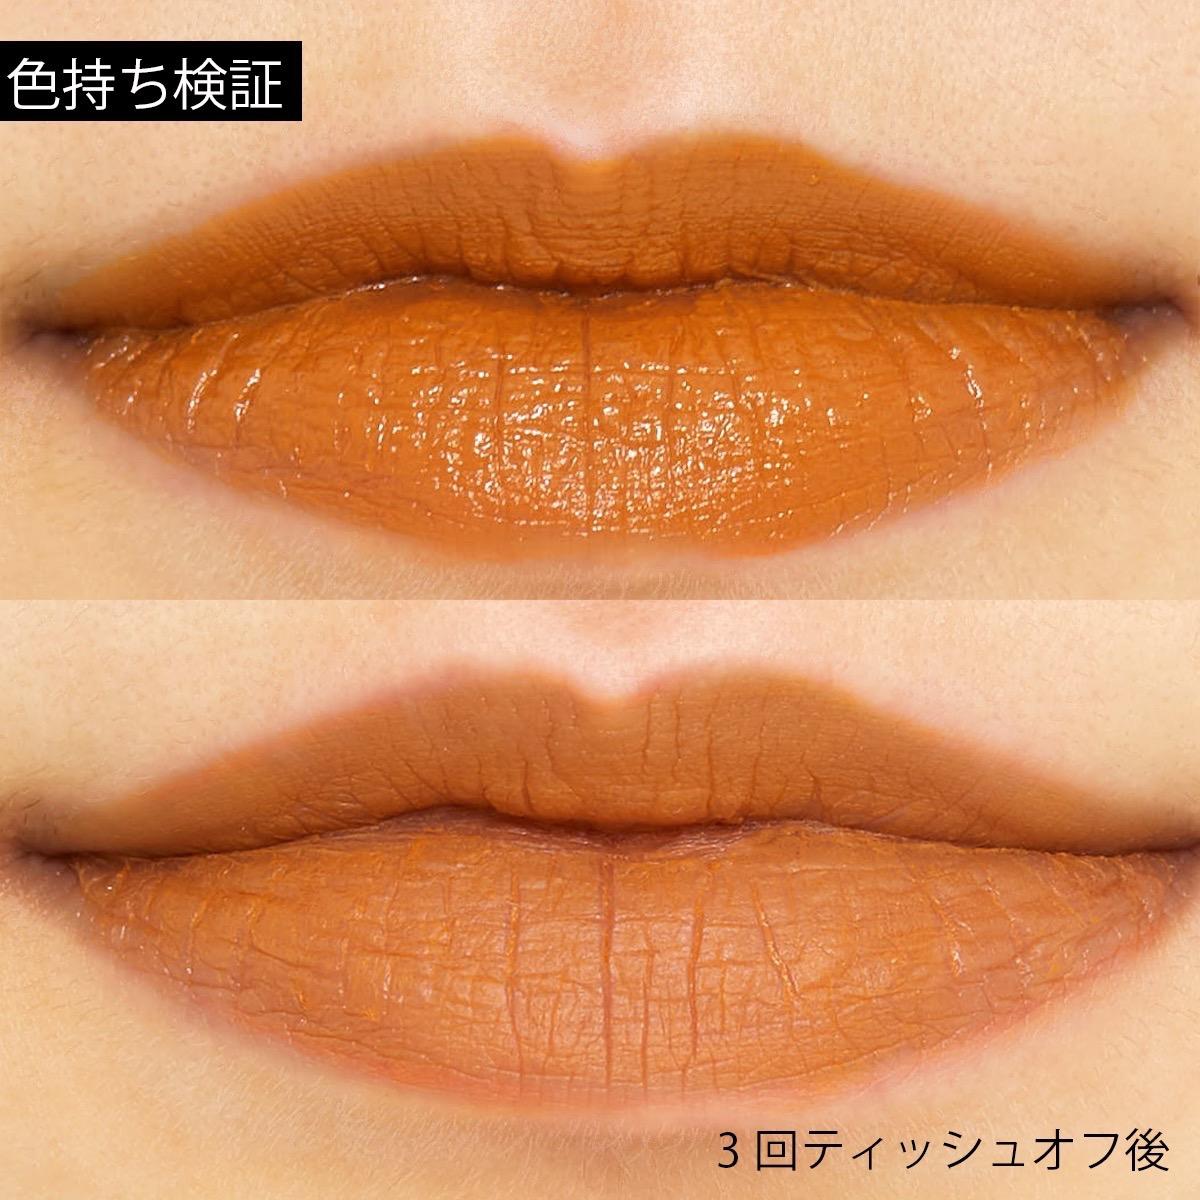 ease style(イーズ スタイル)『マットリップ ヌードオレンジ』の使用感をレポ!に関する画像10